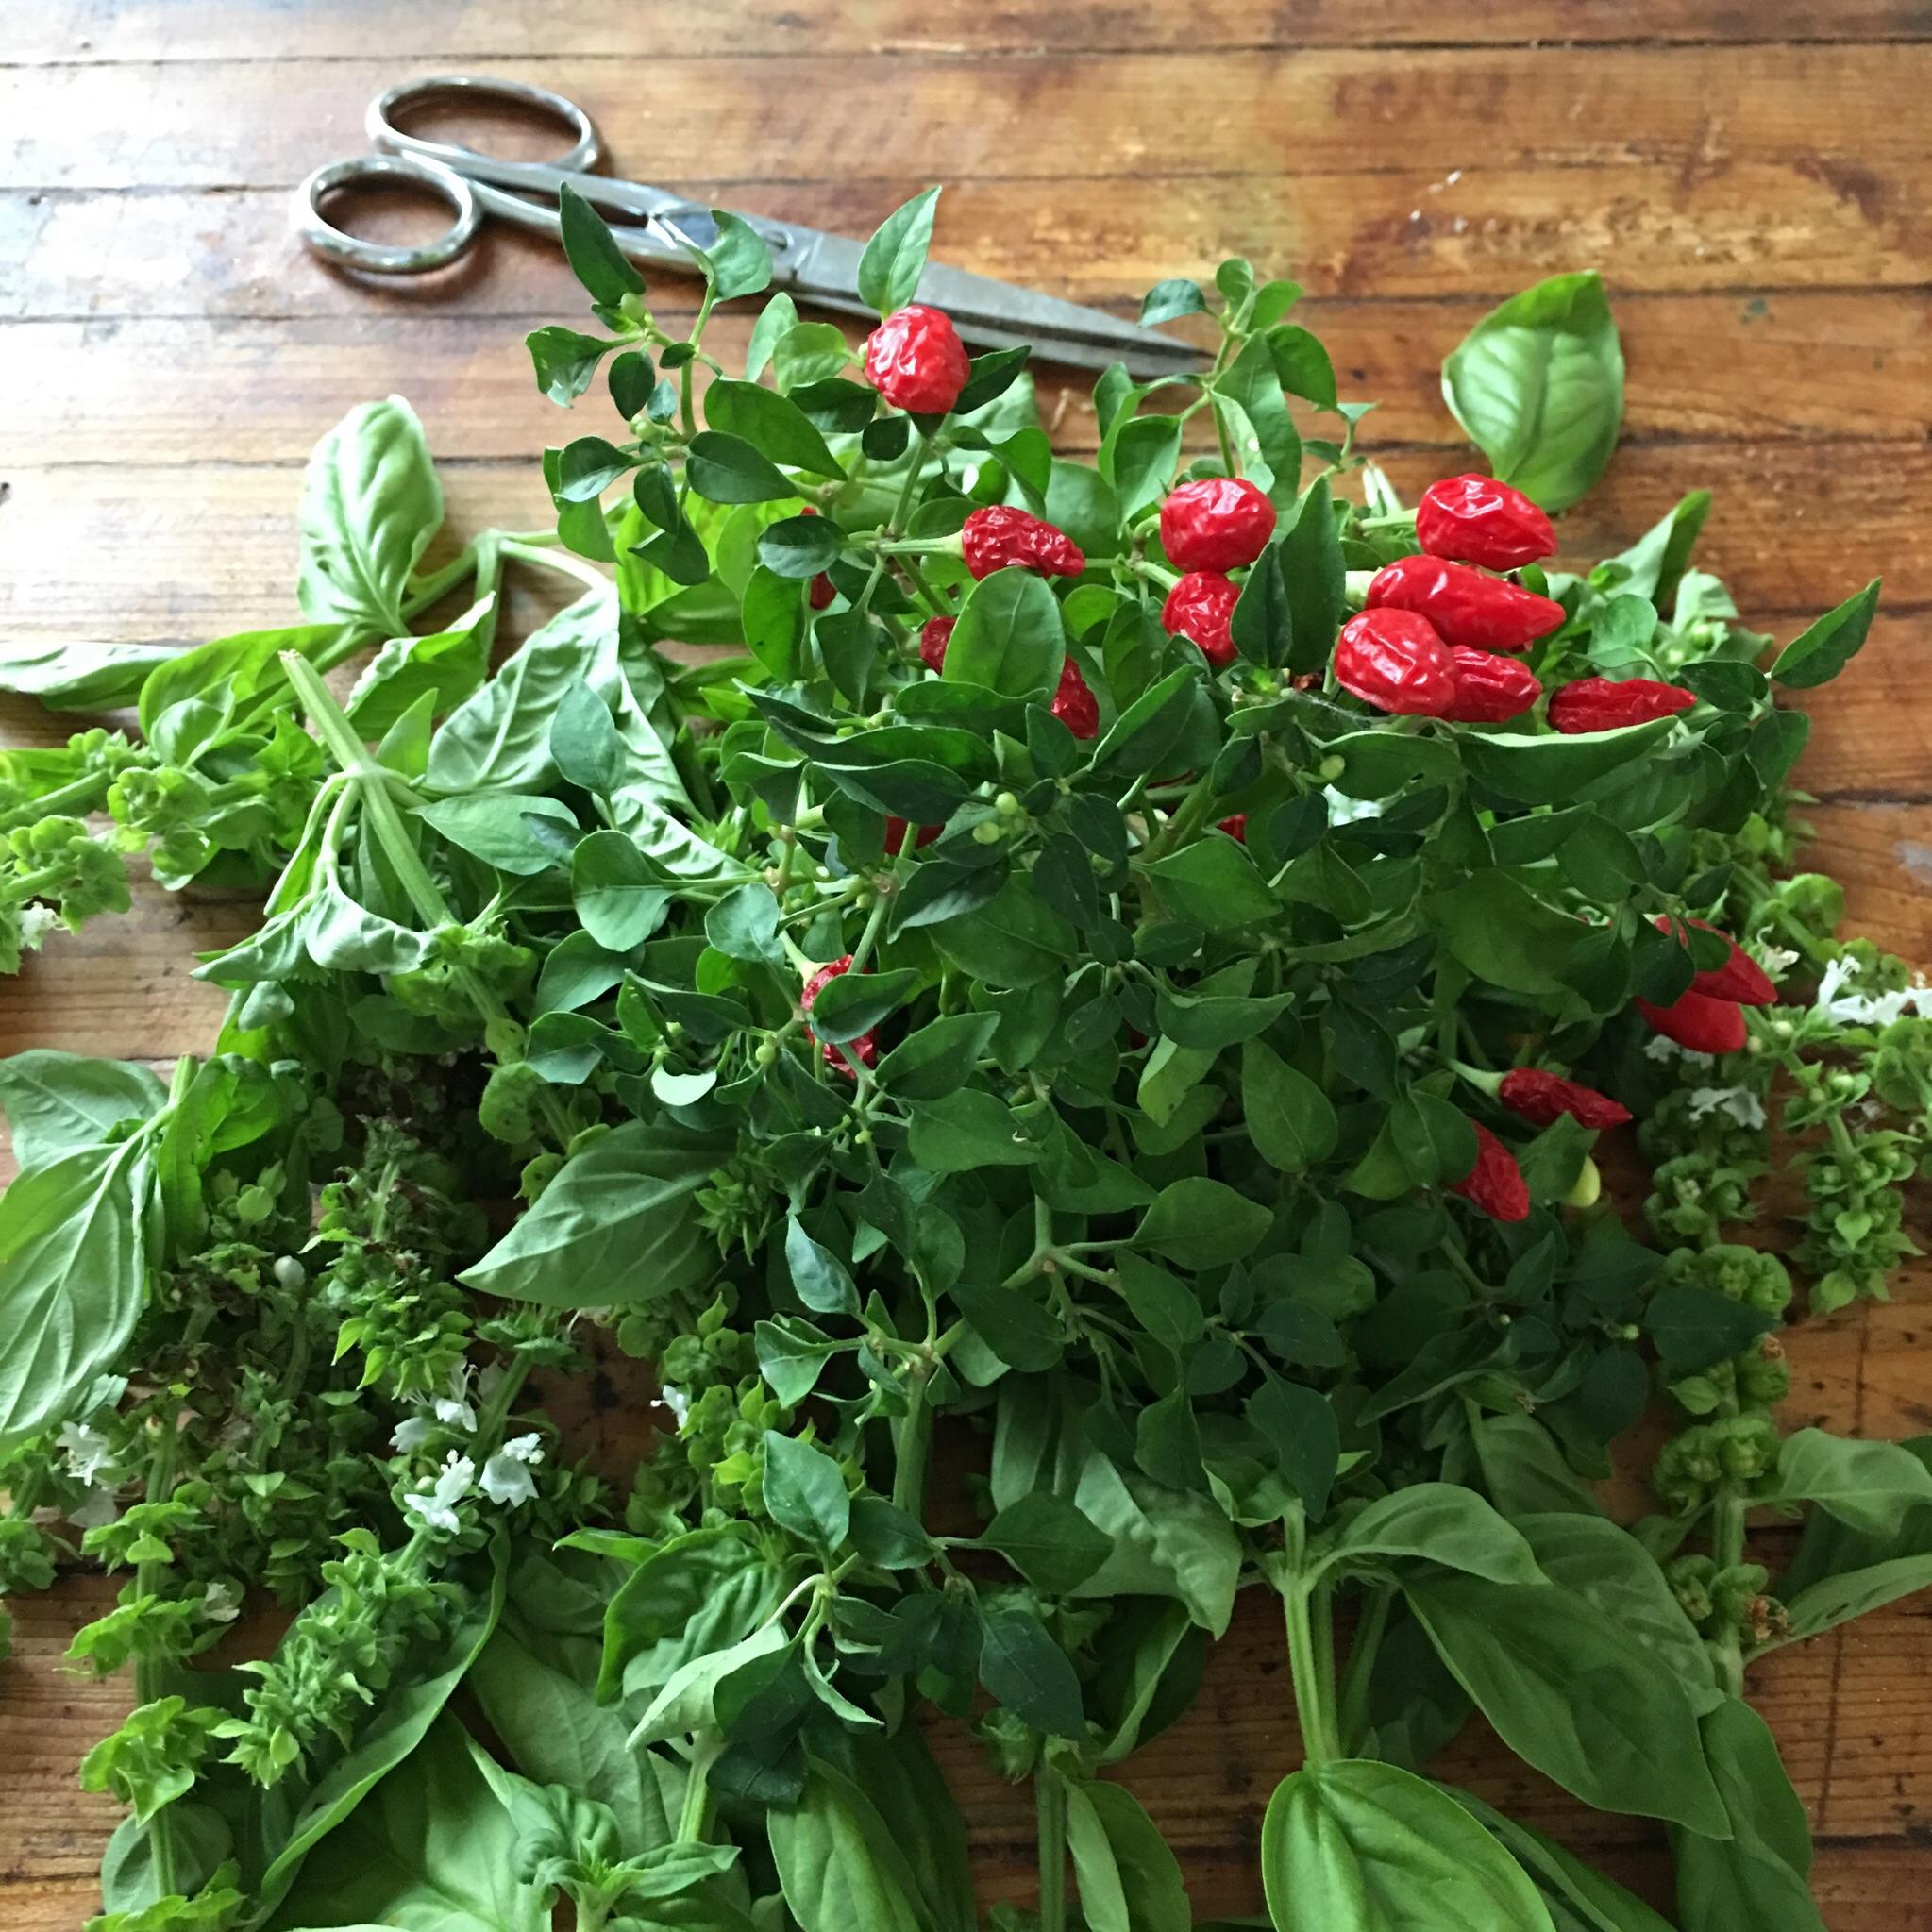 Fresh herbs from the farm.